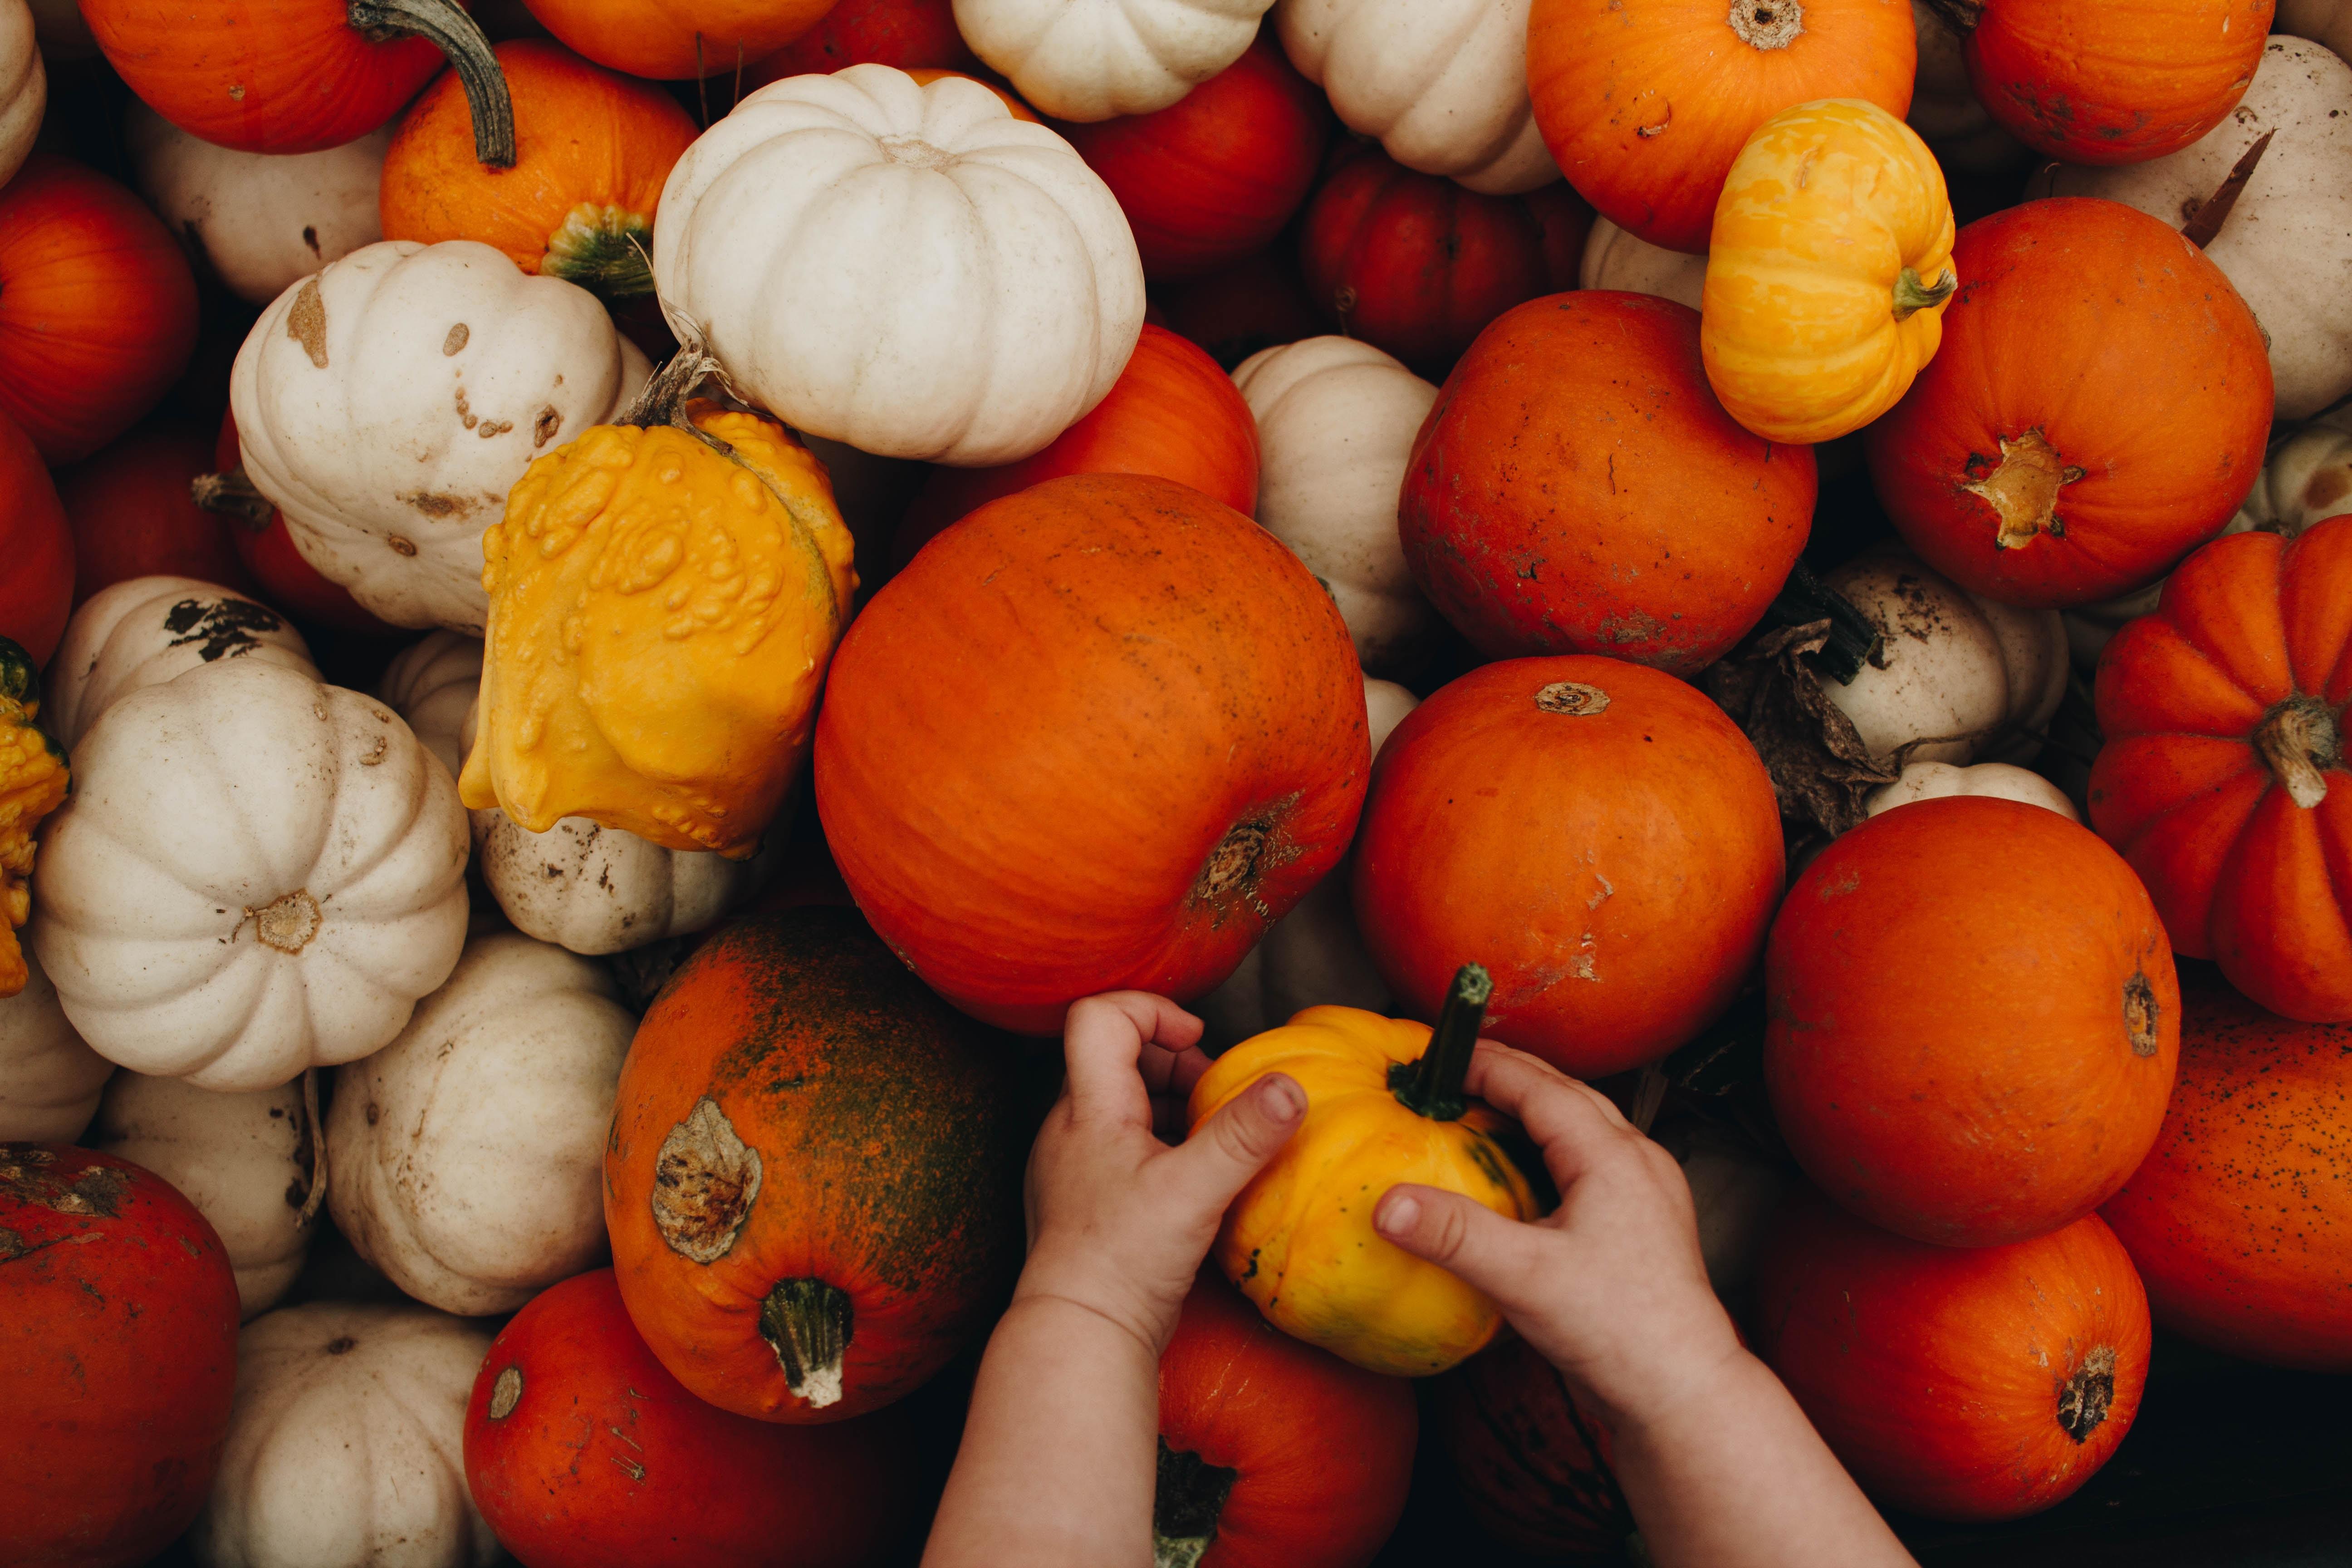 toddler holding small pumpkin near bunch of assorted-size pumpkins